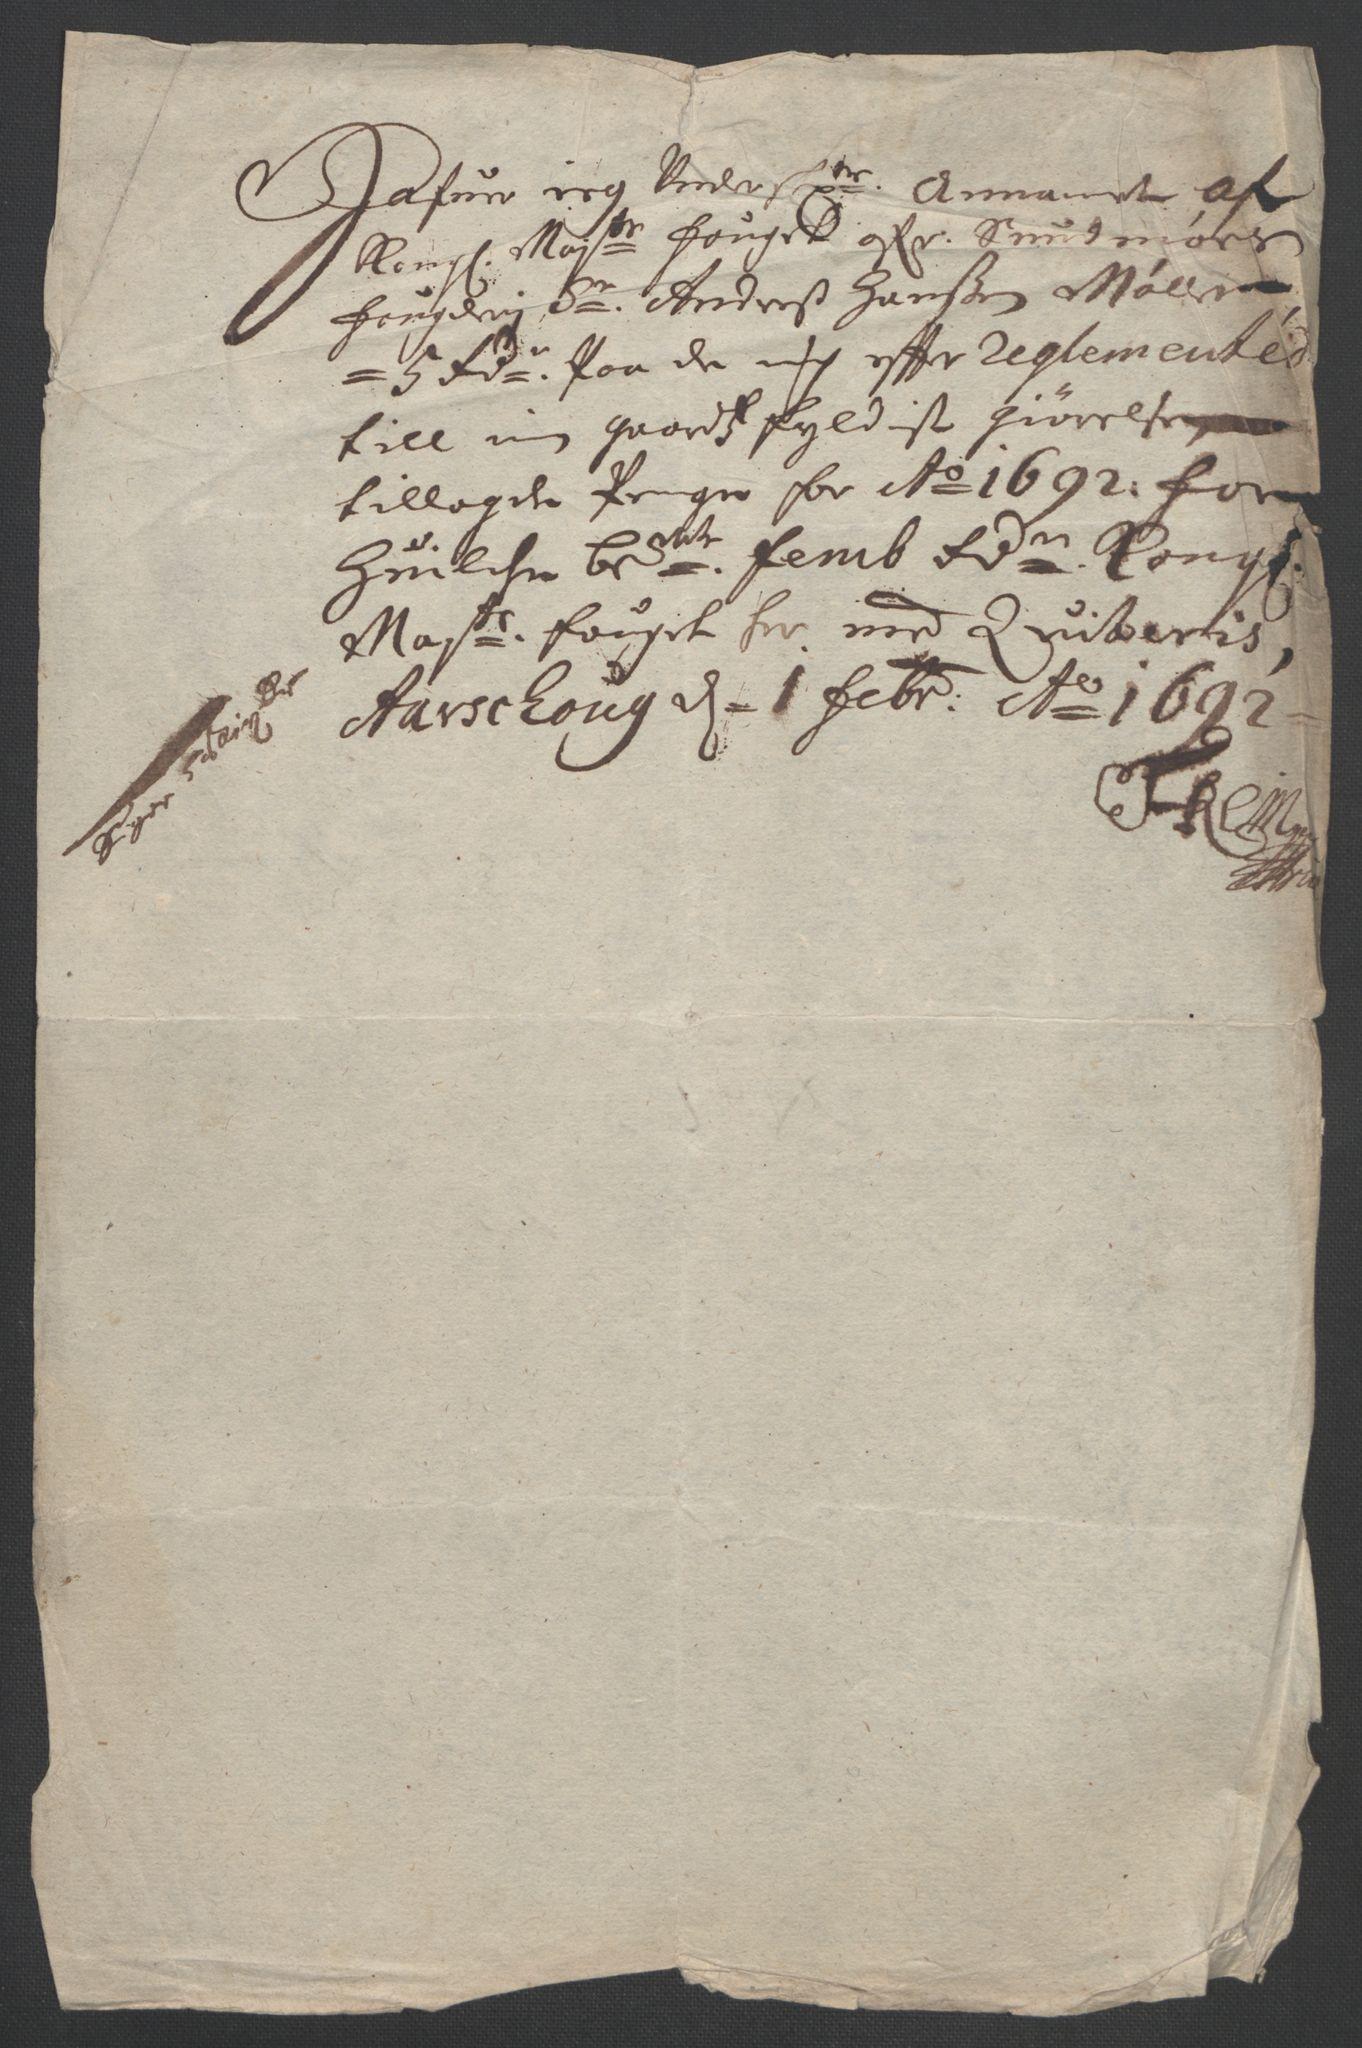 RA, Rentekammeret inntil 1814, Reviderte regnskaper, Fogderegnskap, R54/L3554: Fogderegnskap Sunnmøre, 1691-1693, s. 333